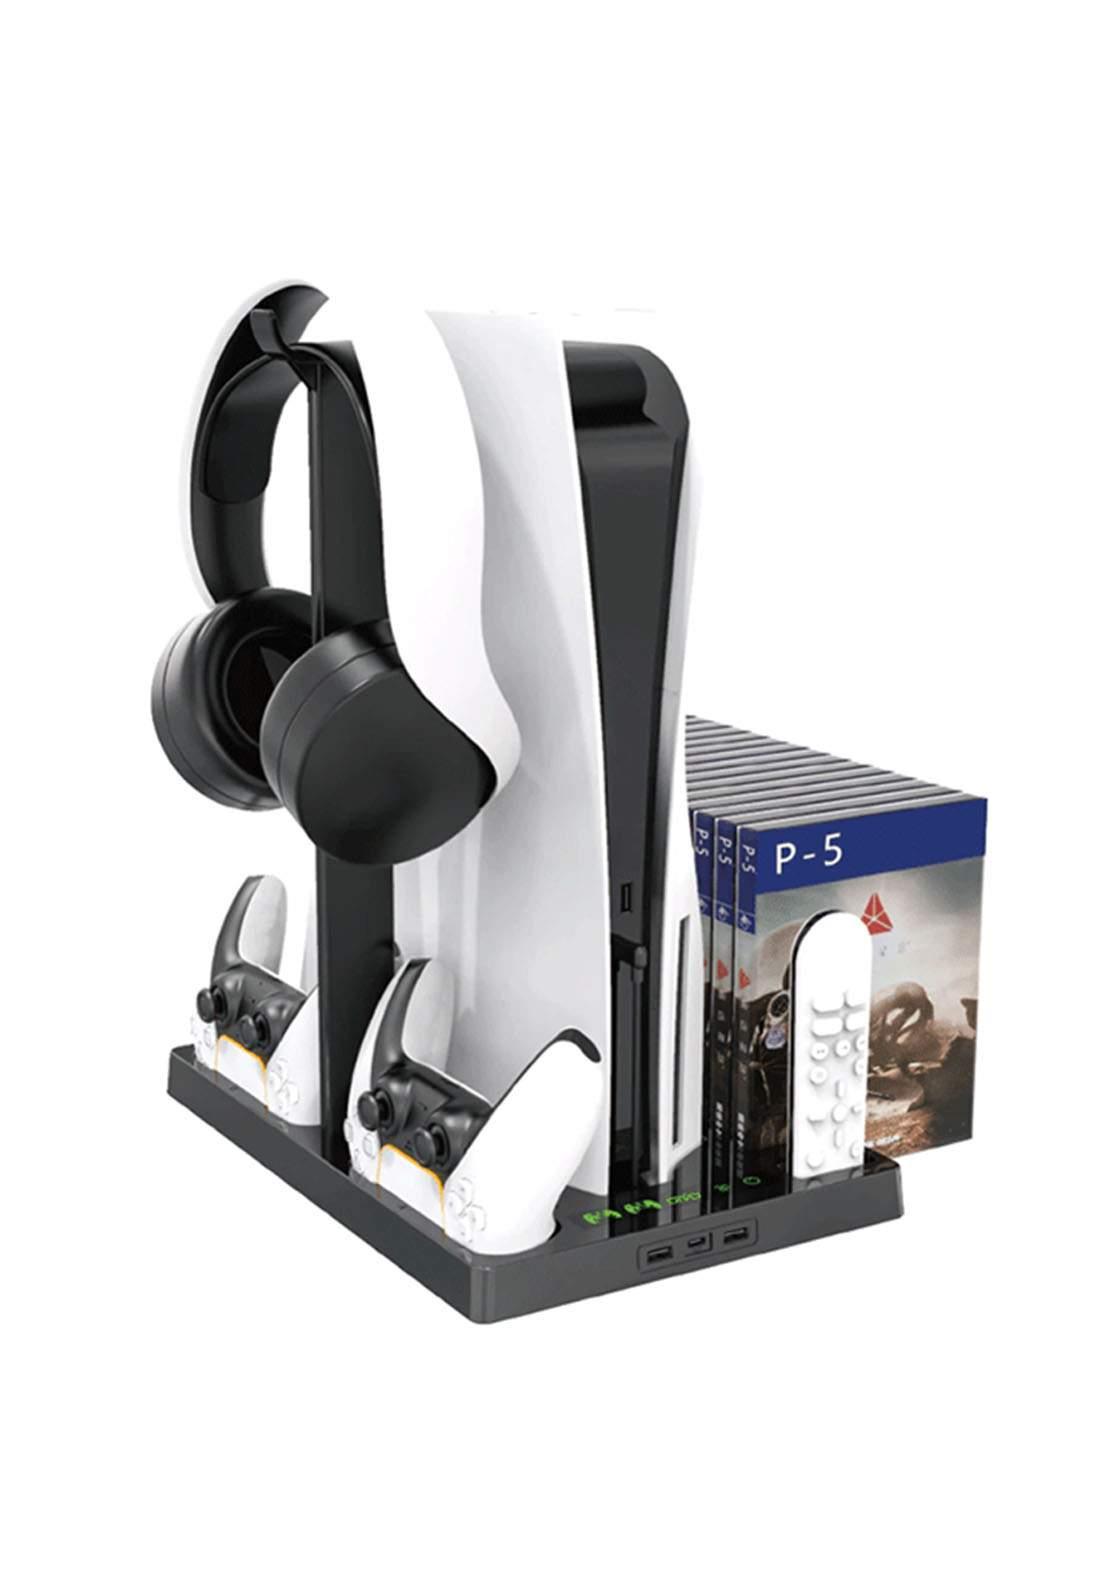 OTVO IV-P5246 Multifunctional Cooling Stand for PS5 - Black شاحن وحامل وحدات التحكم